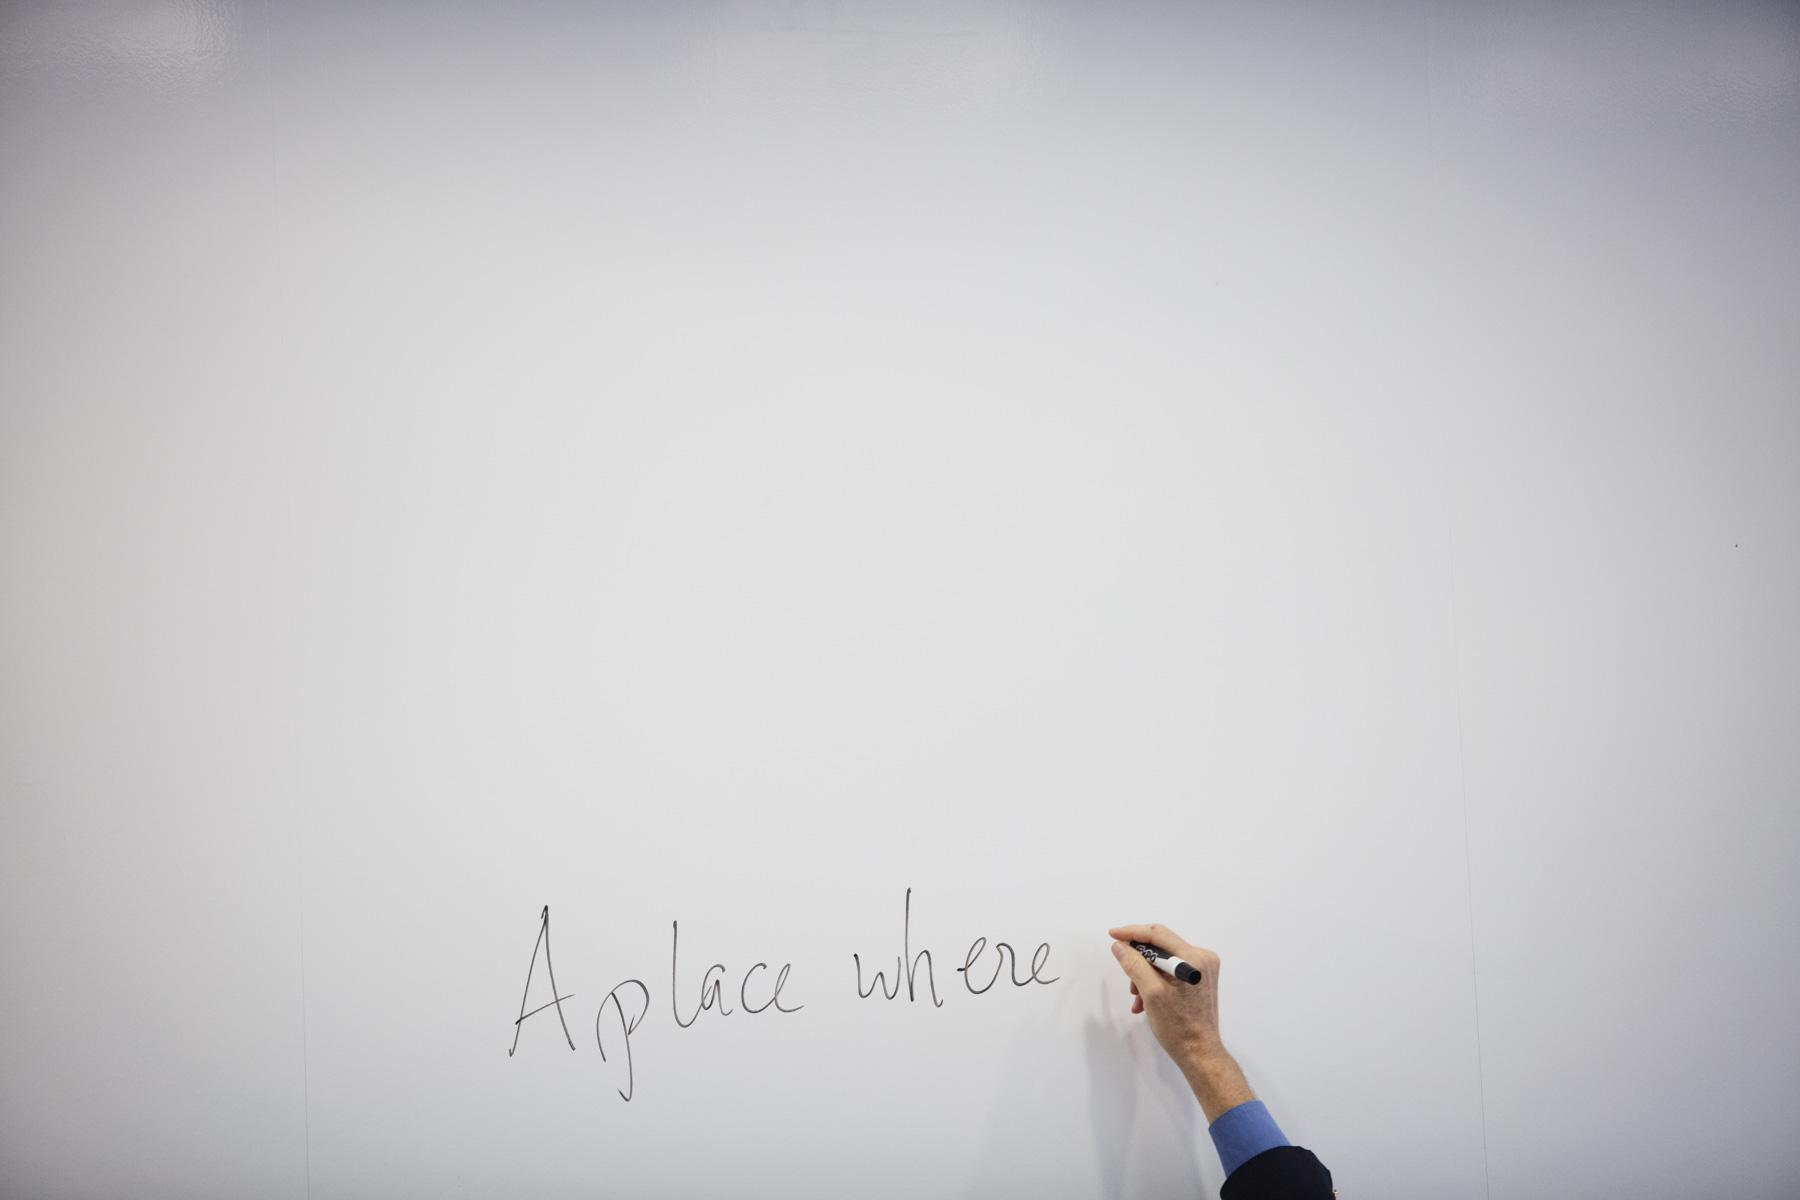 a-place-where-1.jpg